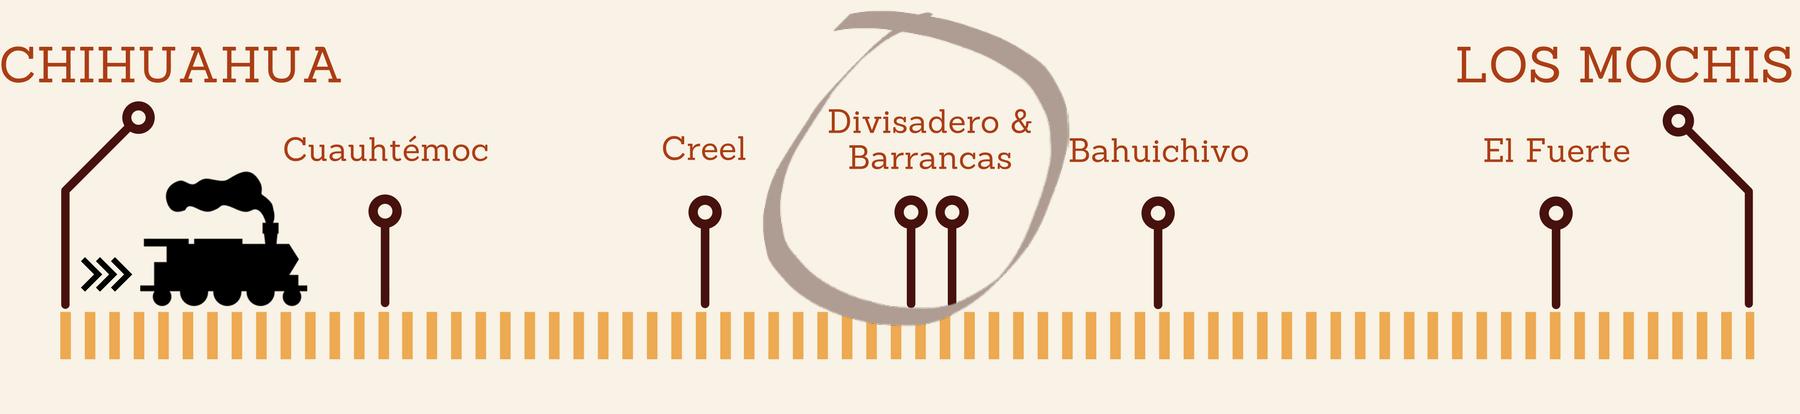 Copper Canyon: Posada Barrancas and Divisadero Mexico